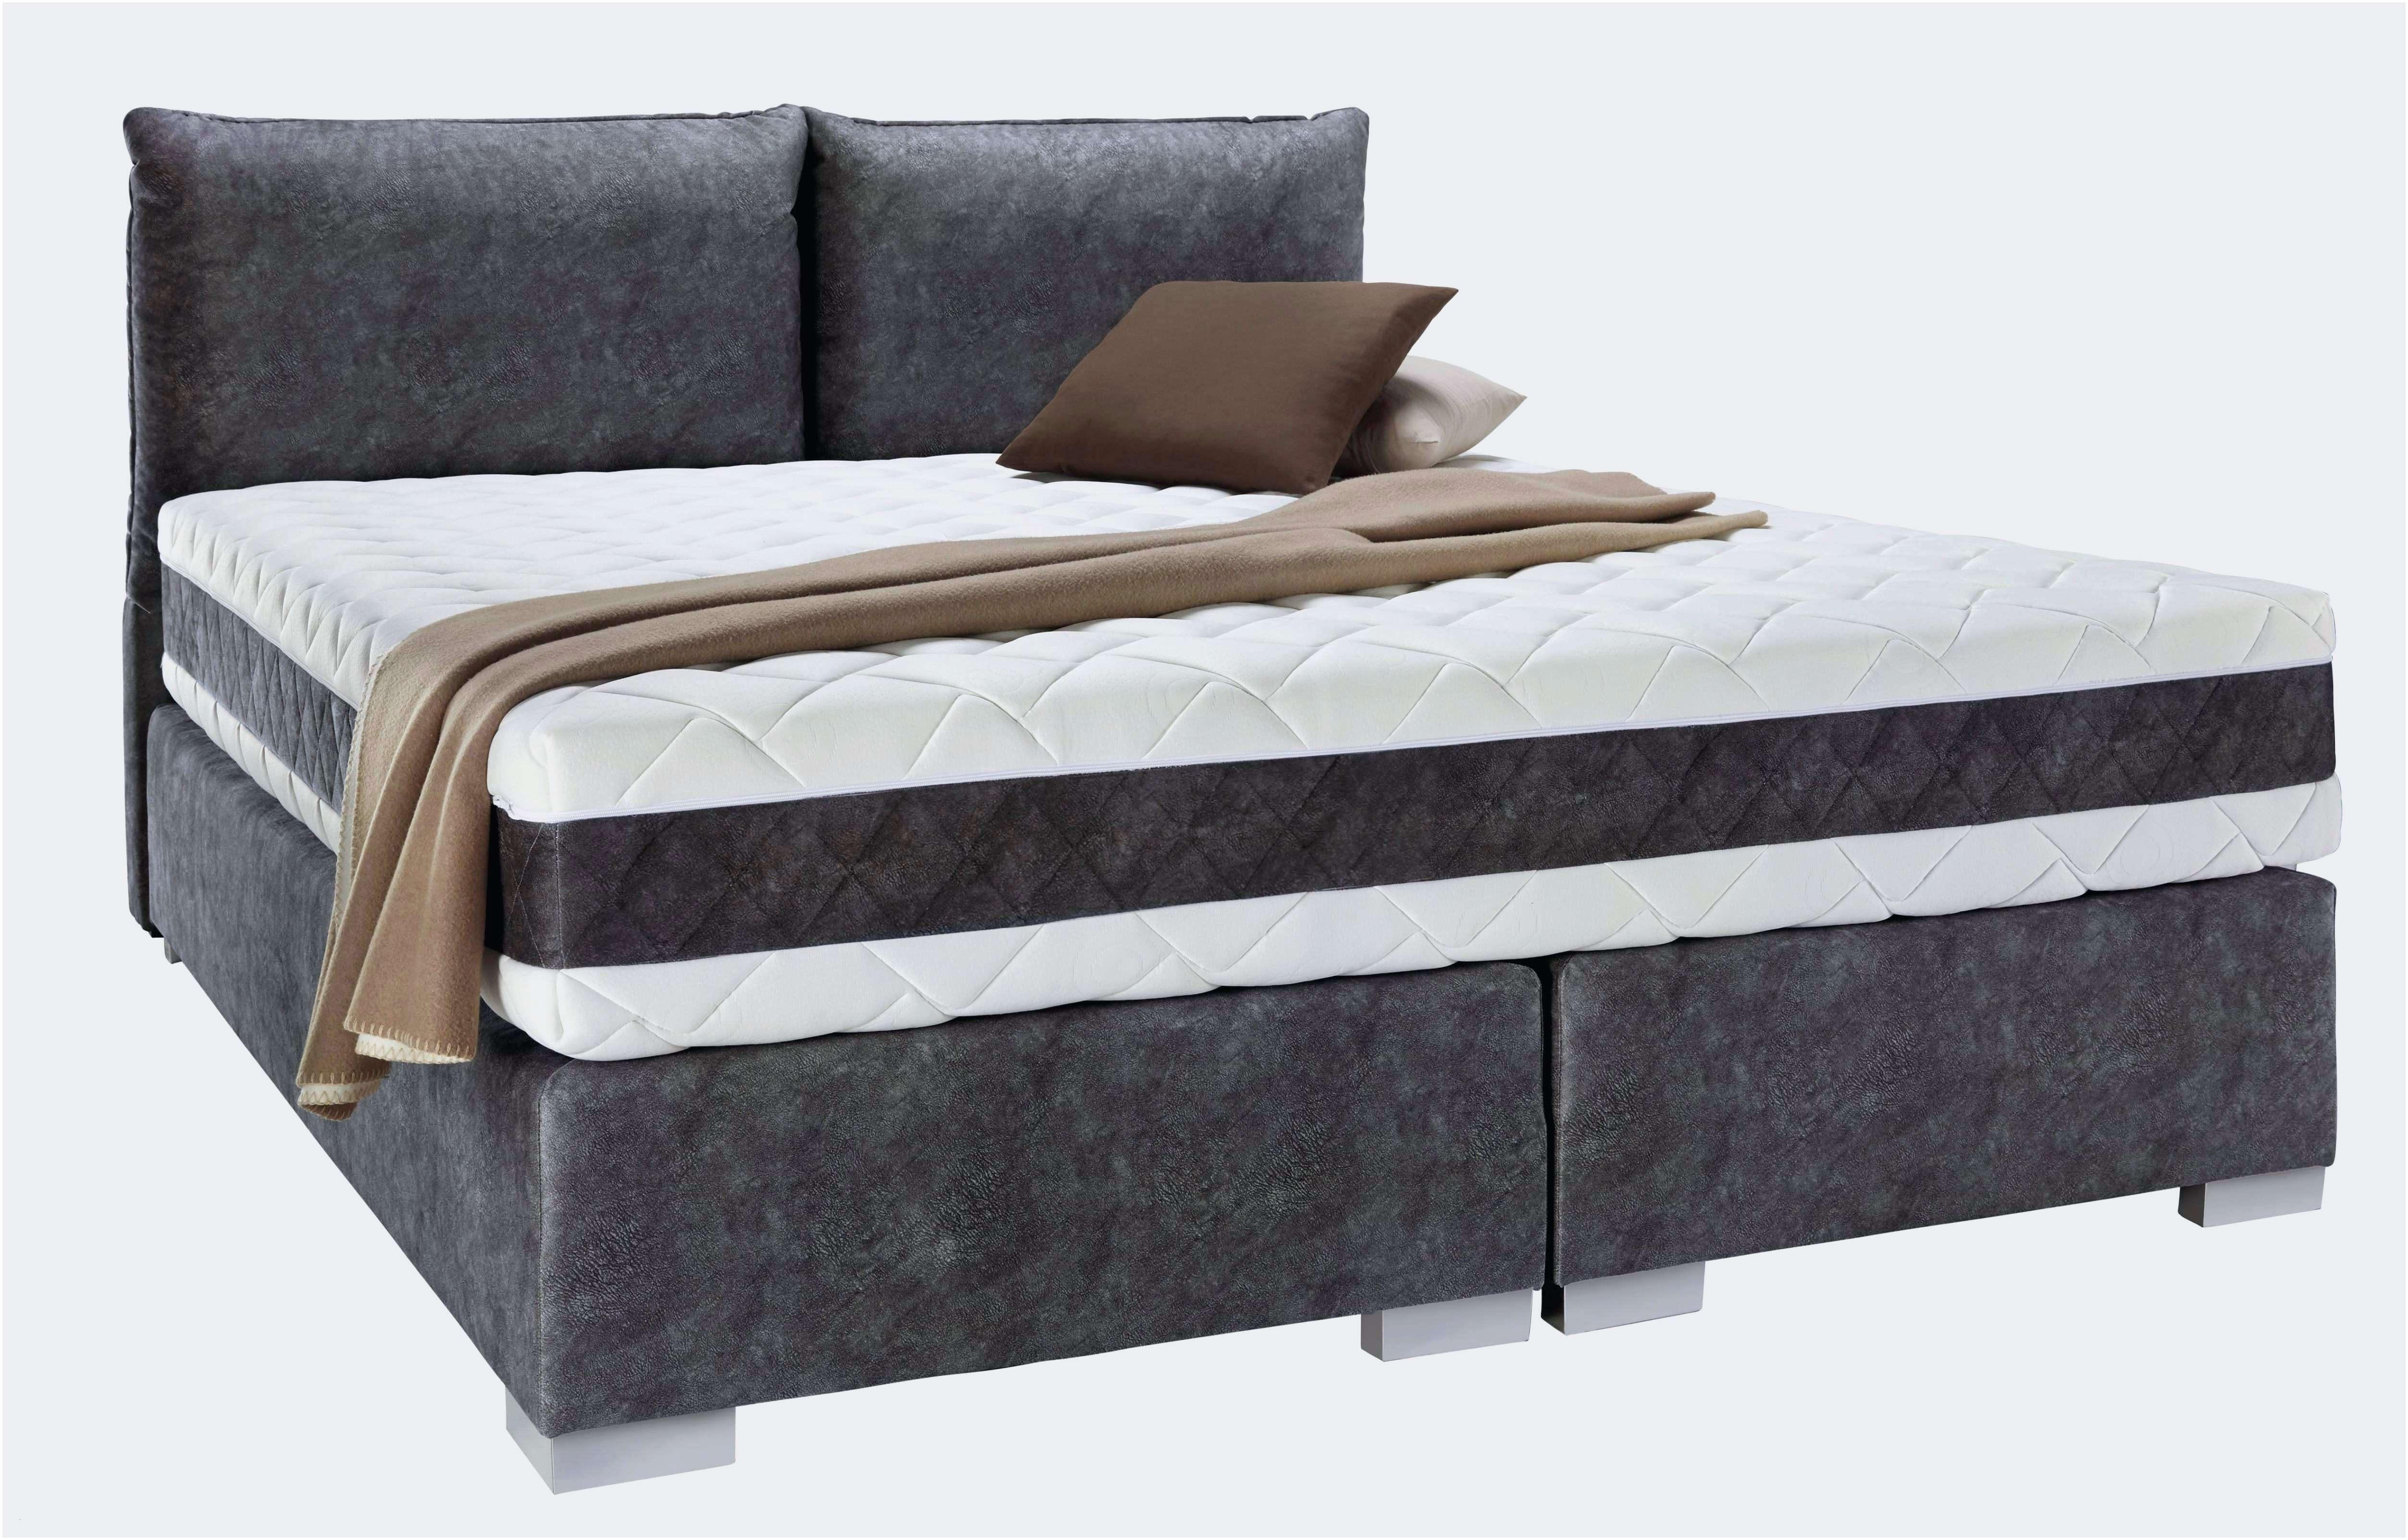 Lit Flaxa Ikea Le Luxe Elégant Ikea Line Betten Frisch Bett 160—200 Mit Matratze Frisch Lit